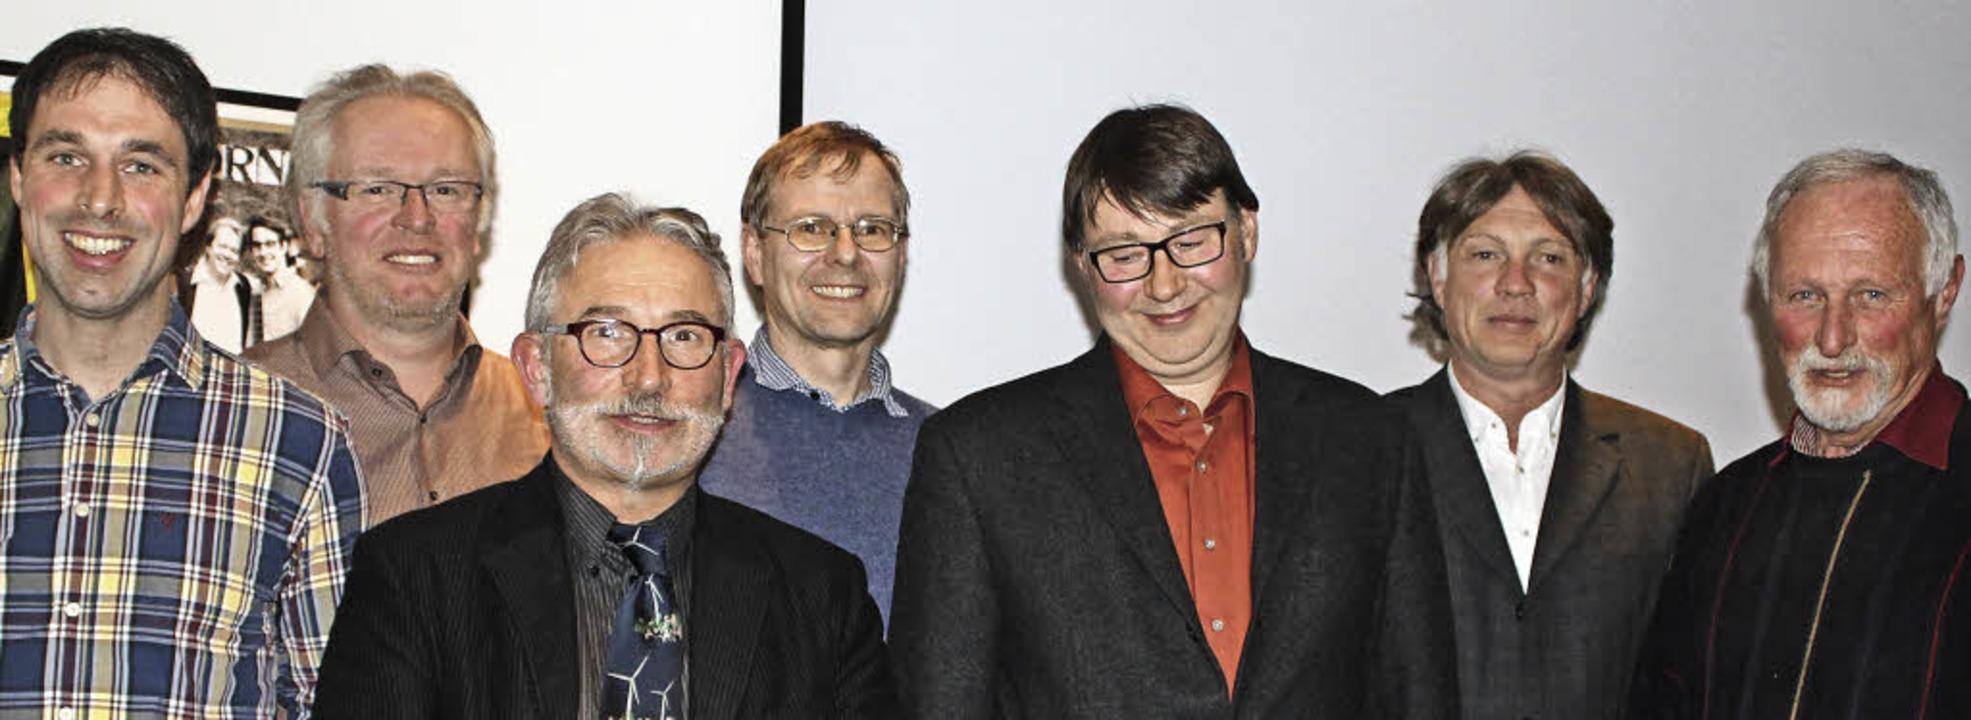 Die Vita-Bürgerenergie startet mit ein... Herbert Schuler (von rechts) gewählt.  | Foto: Christa Maier